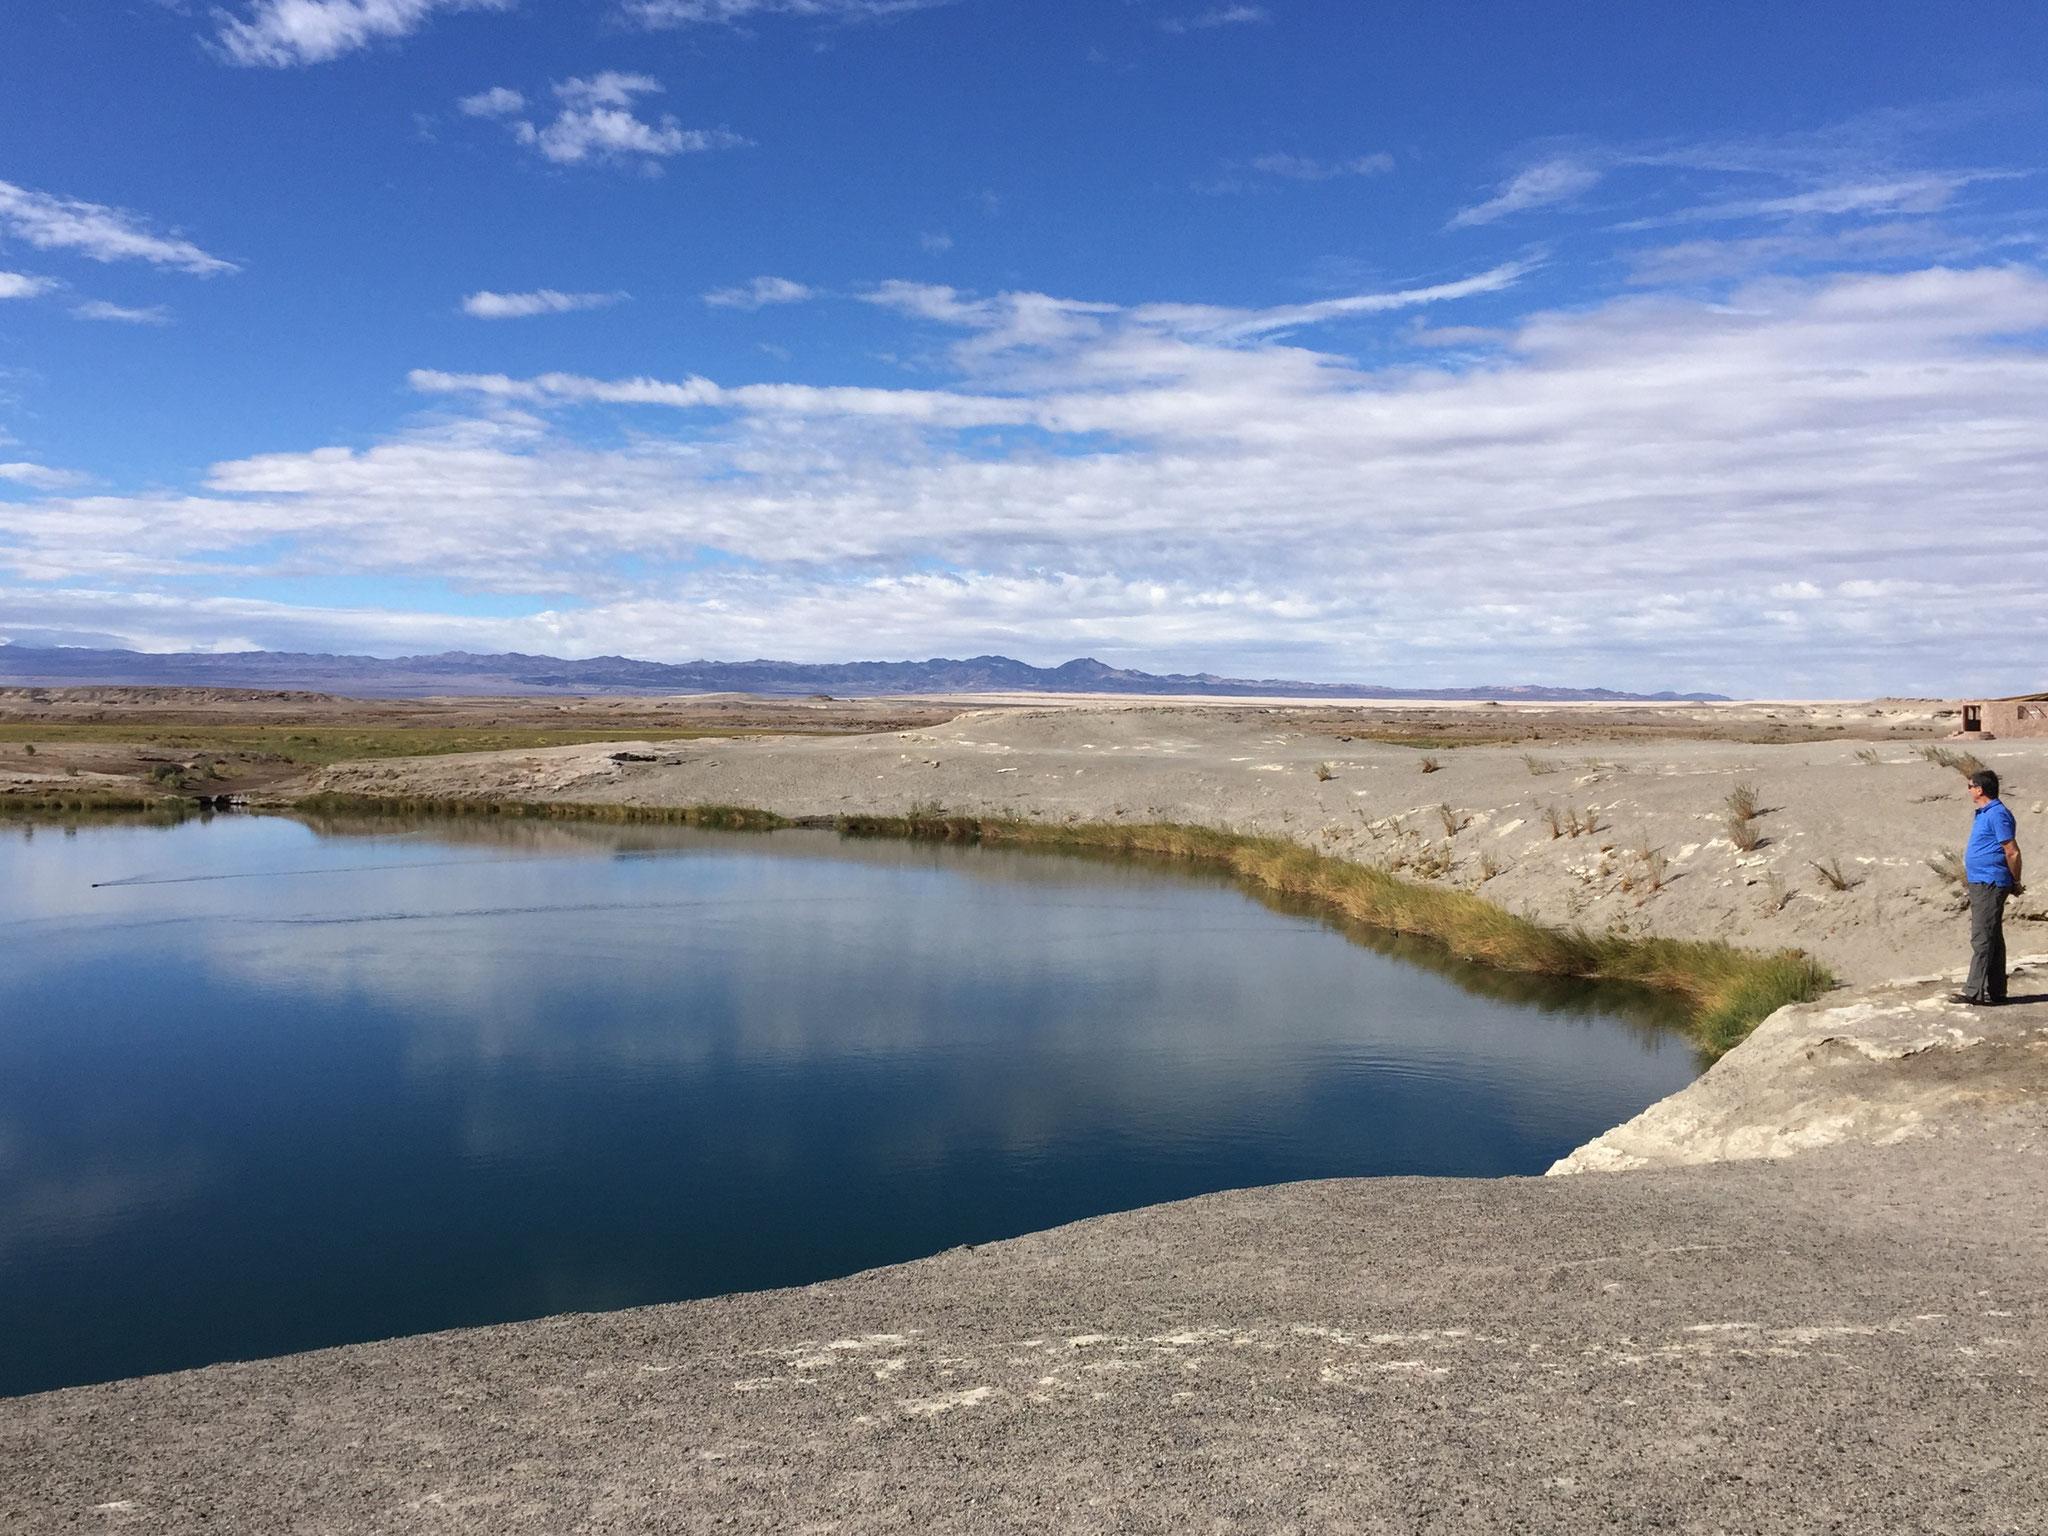 tiefer See mitten in der Wüste